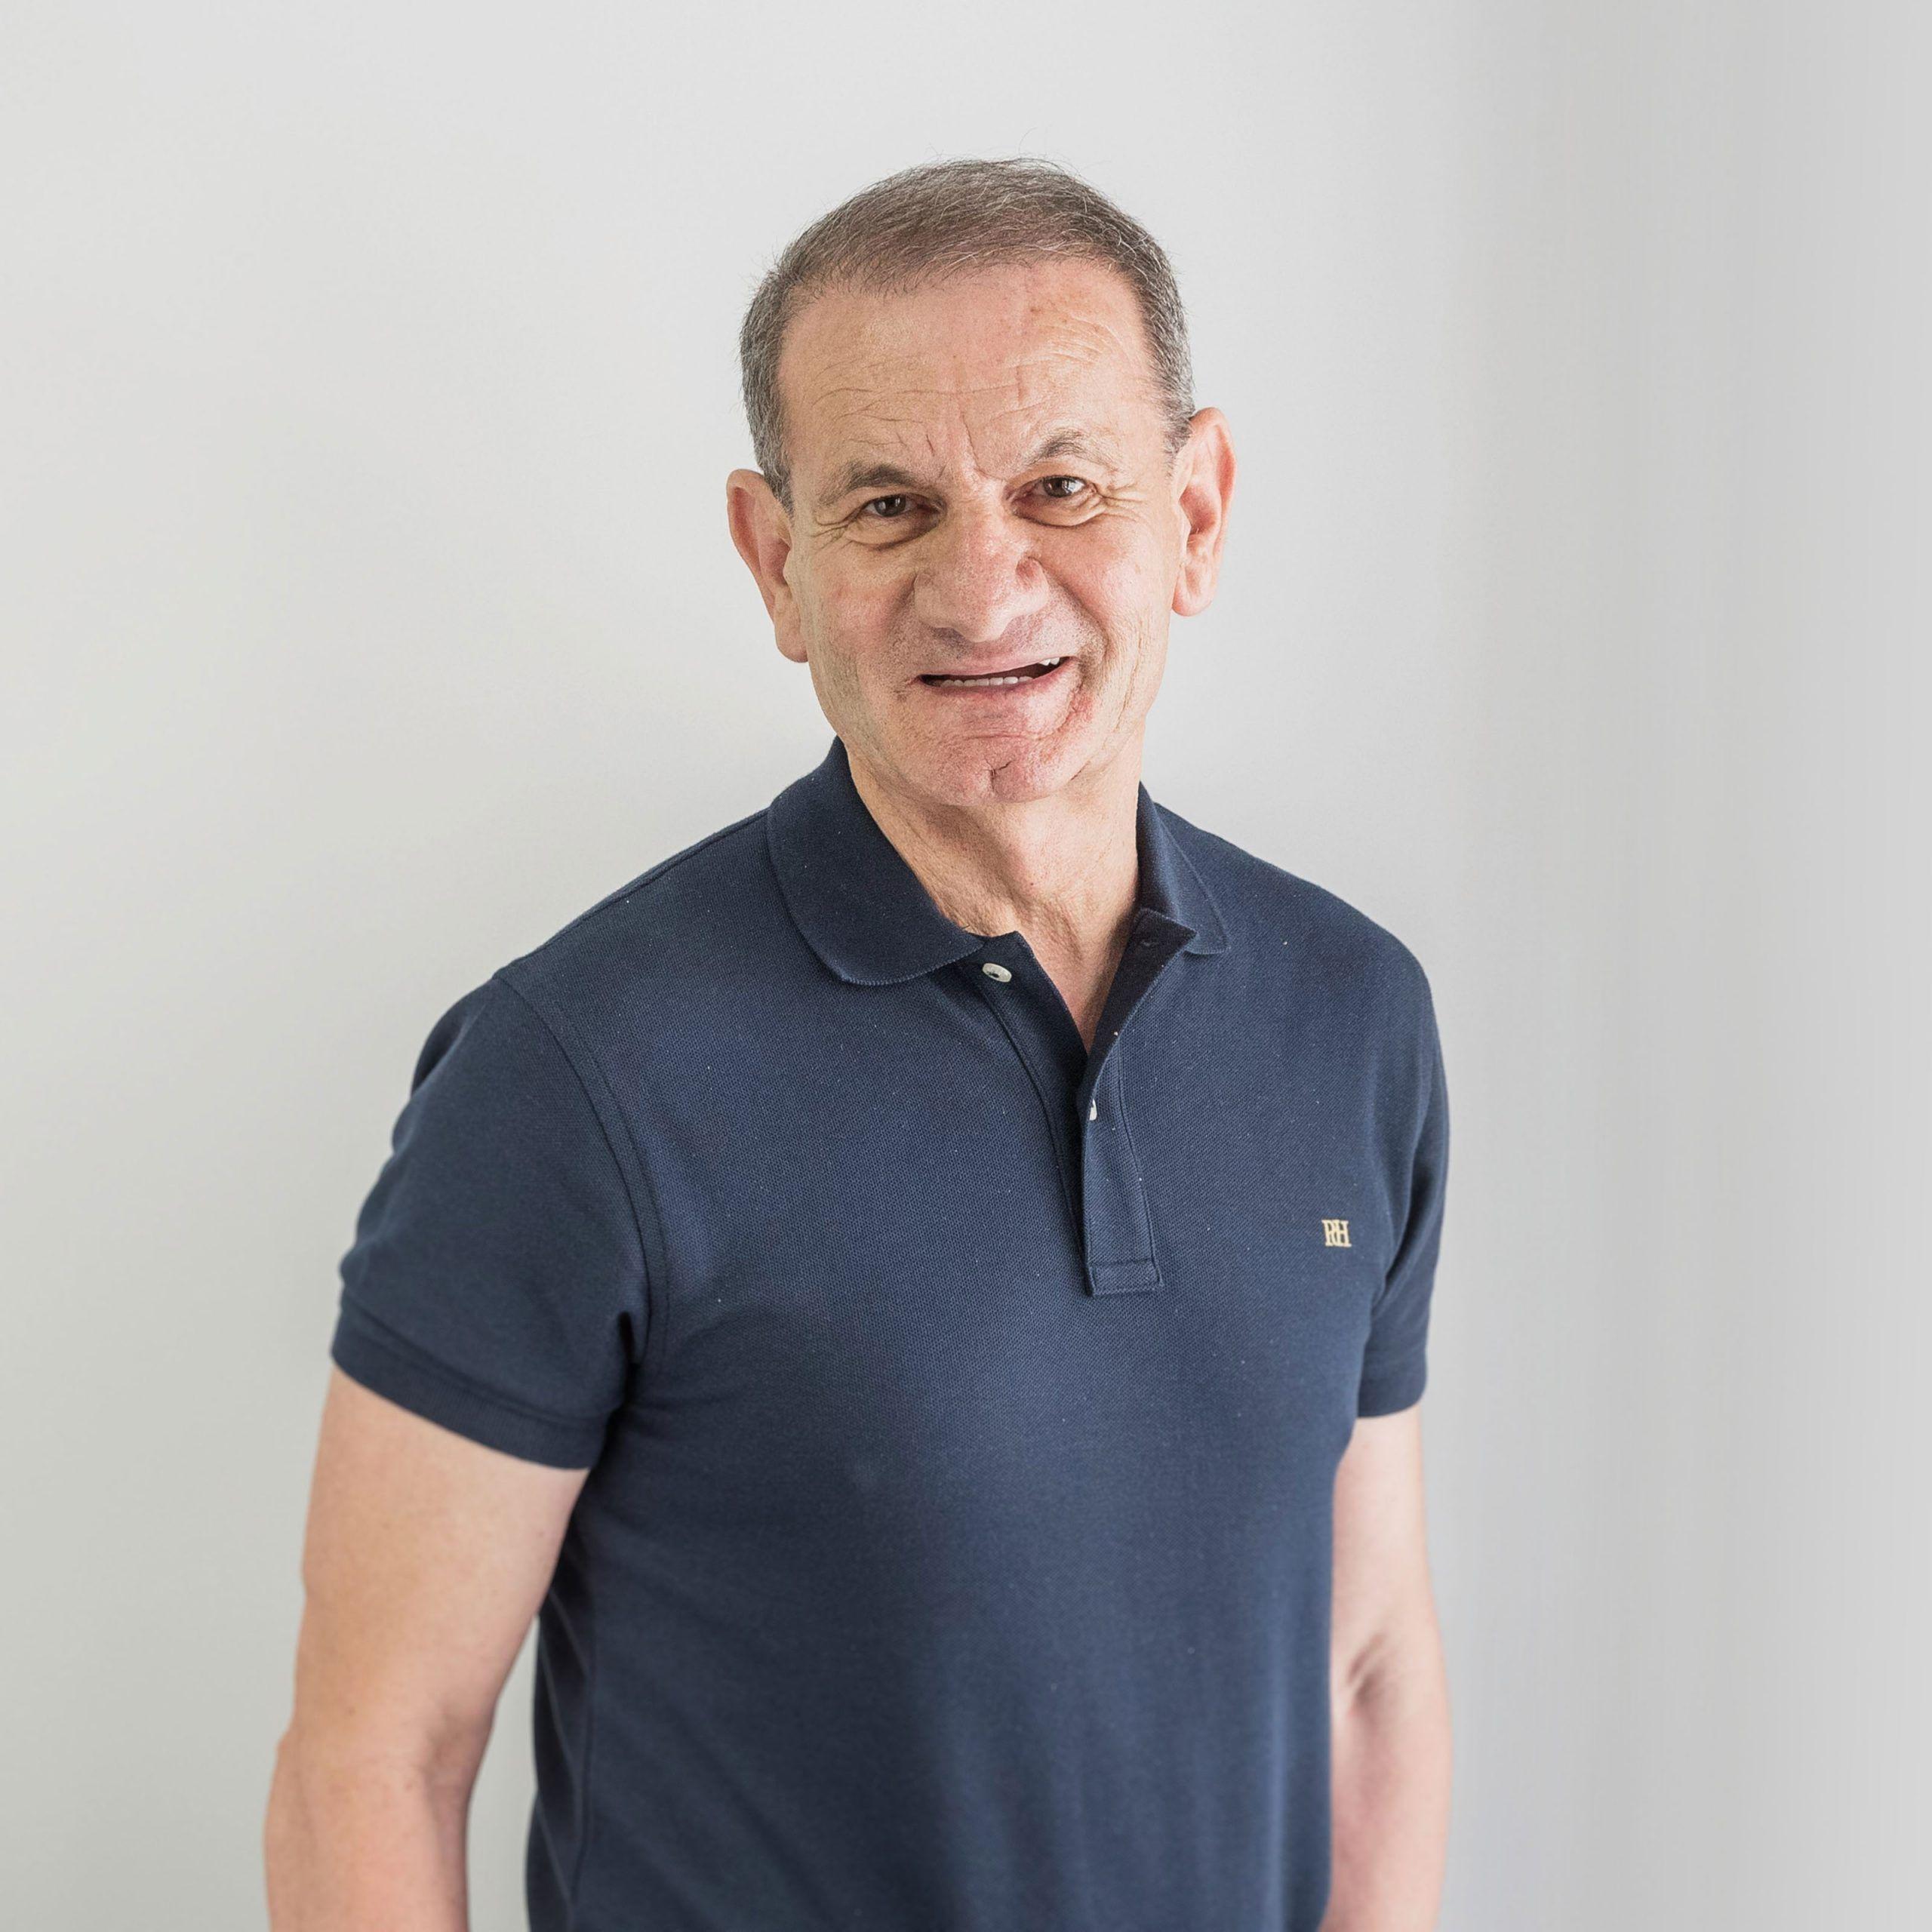 José Rodriguez Pardo